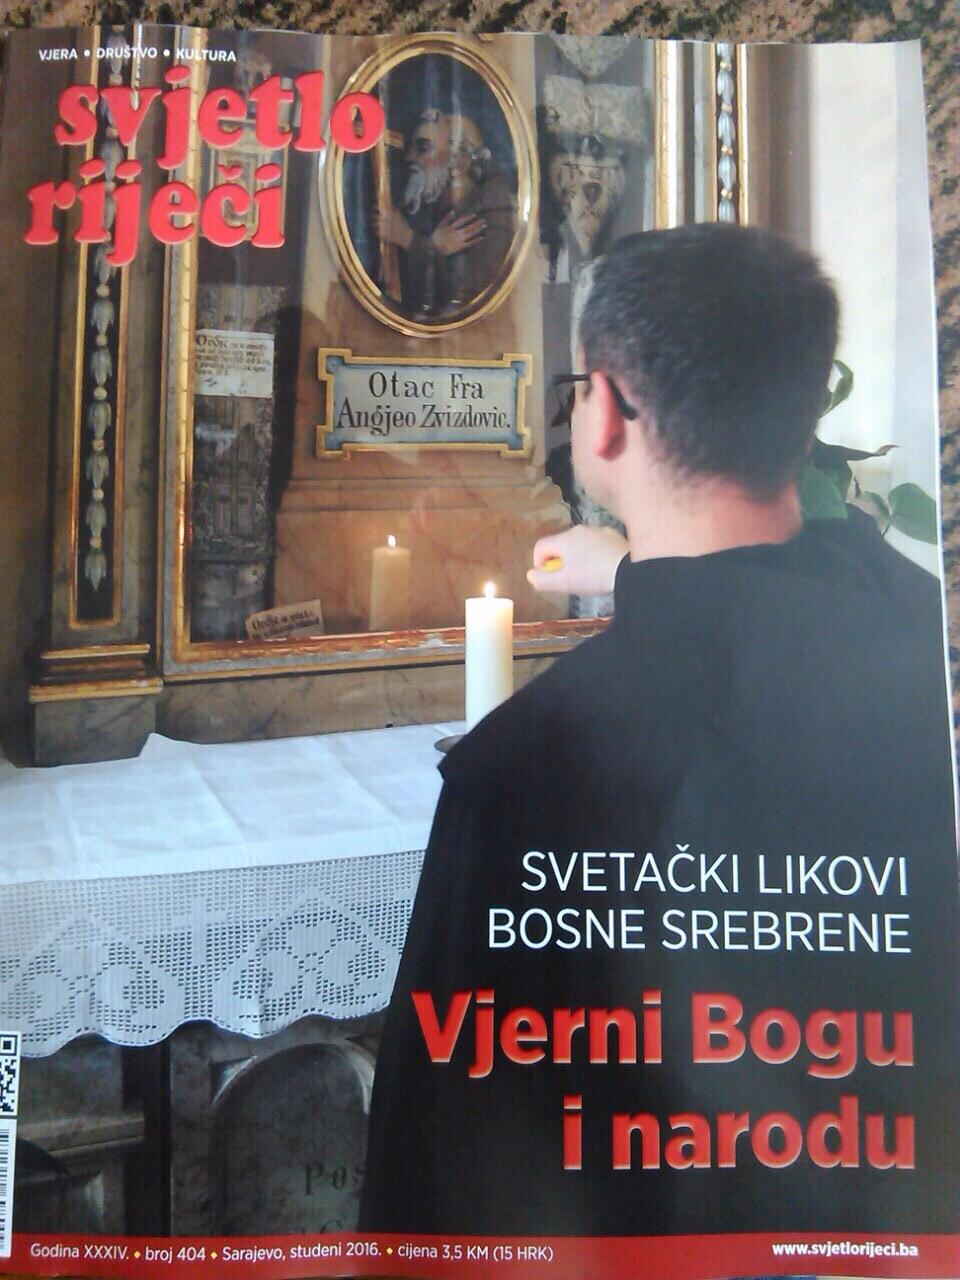 Svetački likovi Bosne Srebrene – Vjerni Bogu i narodu